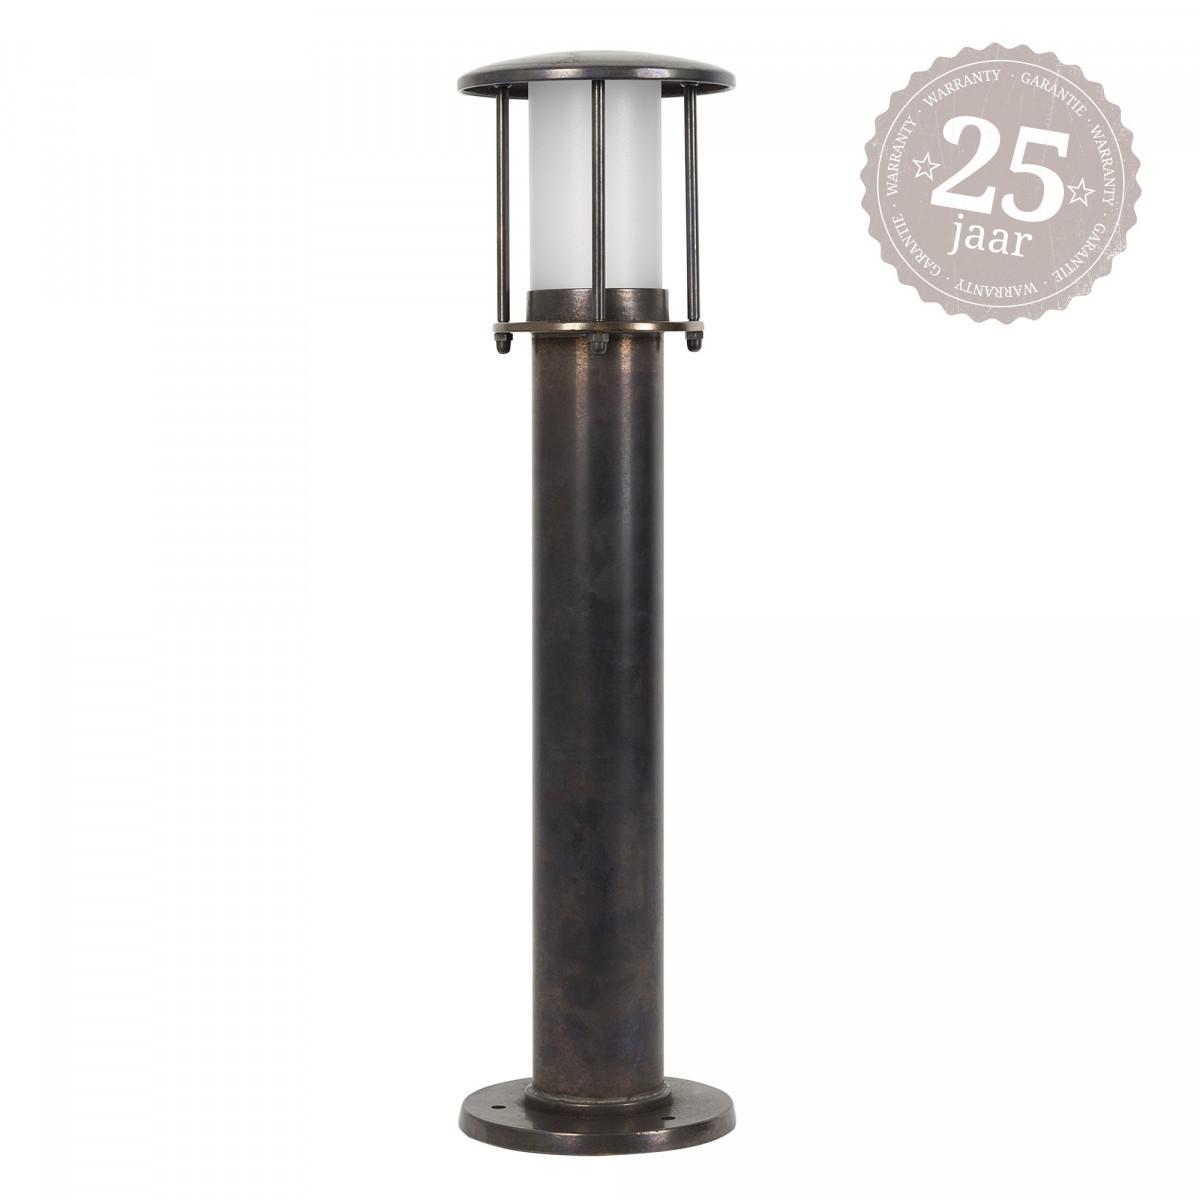 Resident 2 sokkellamp dark brass